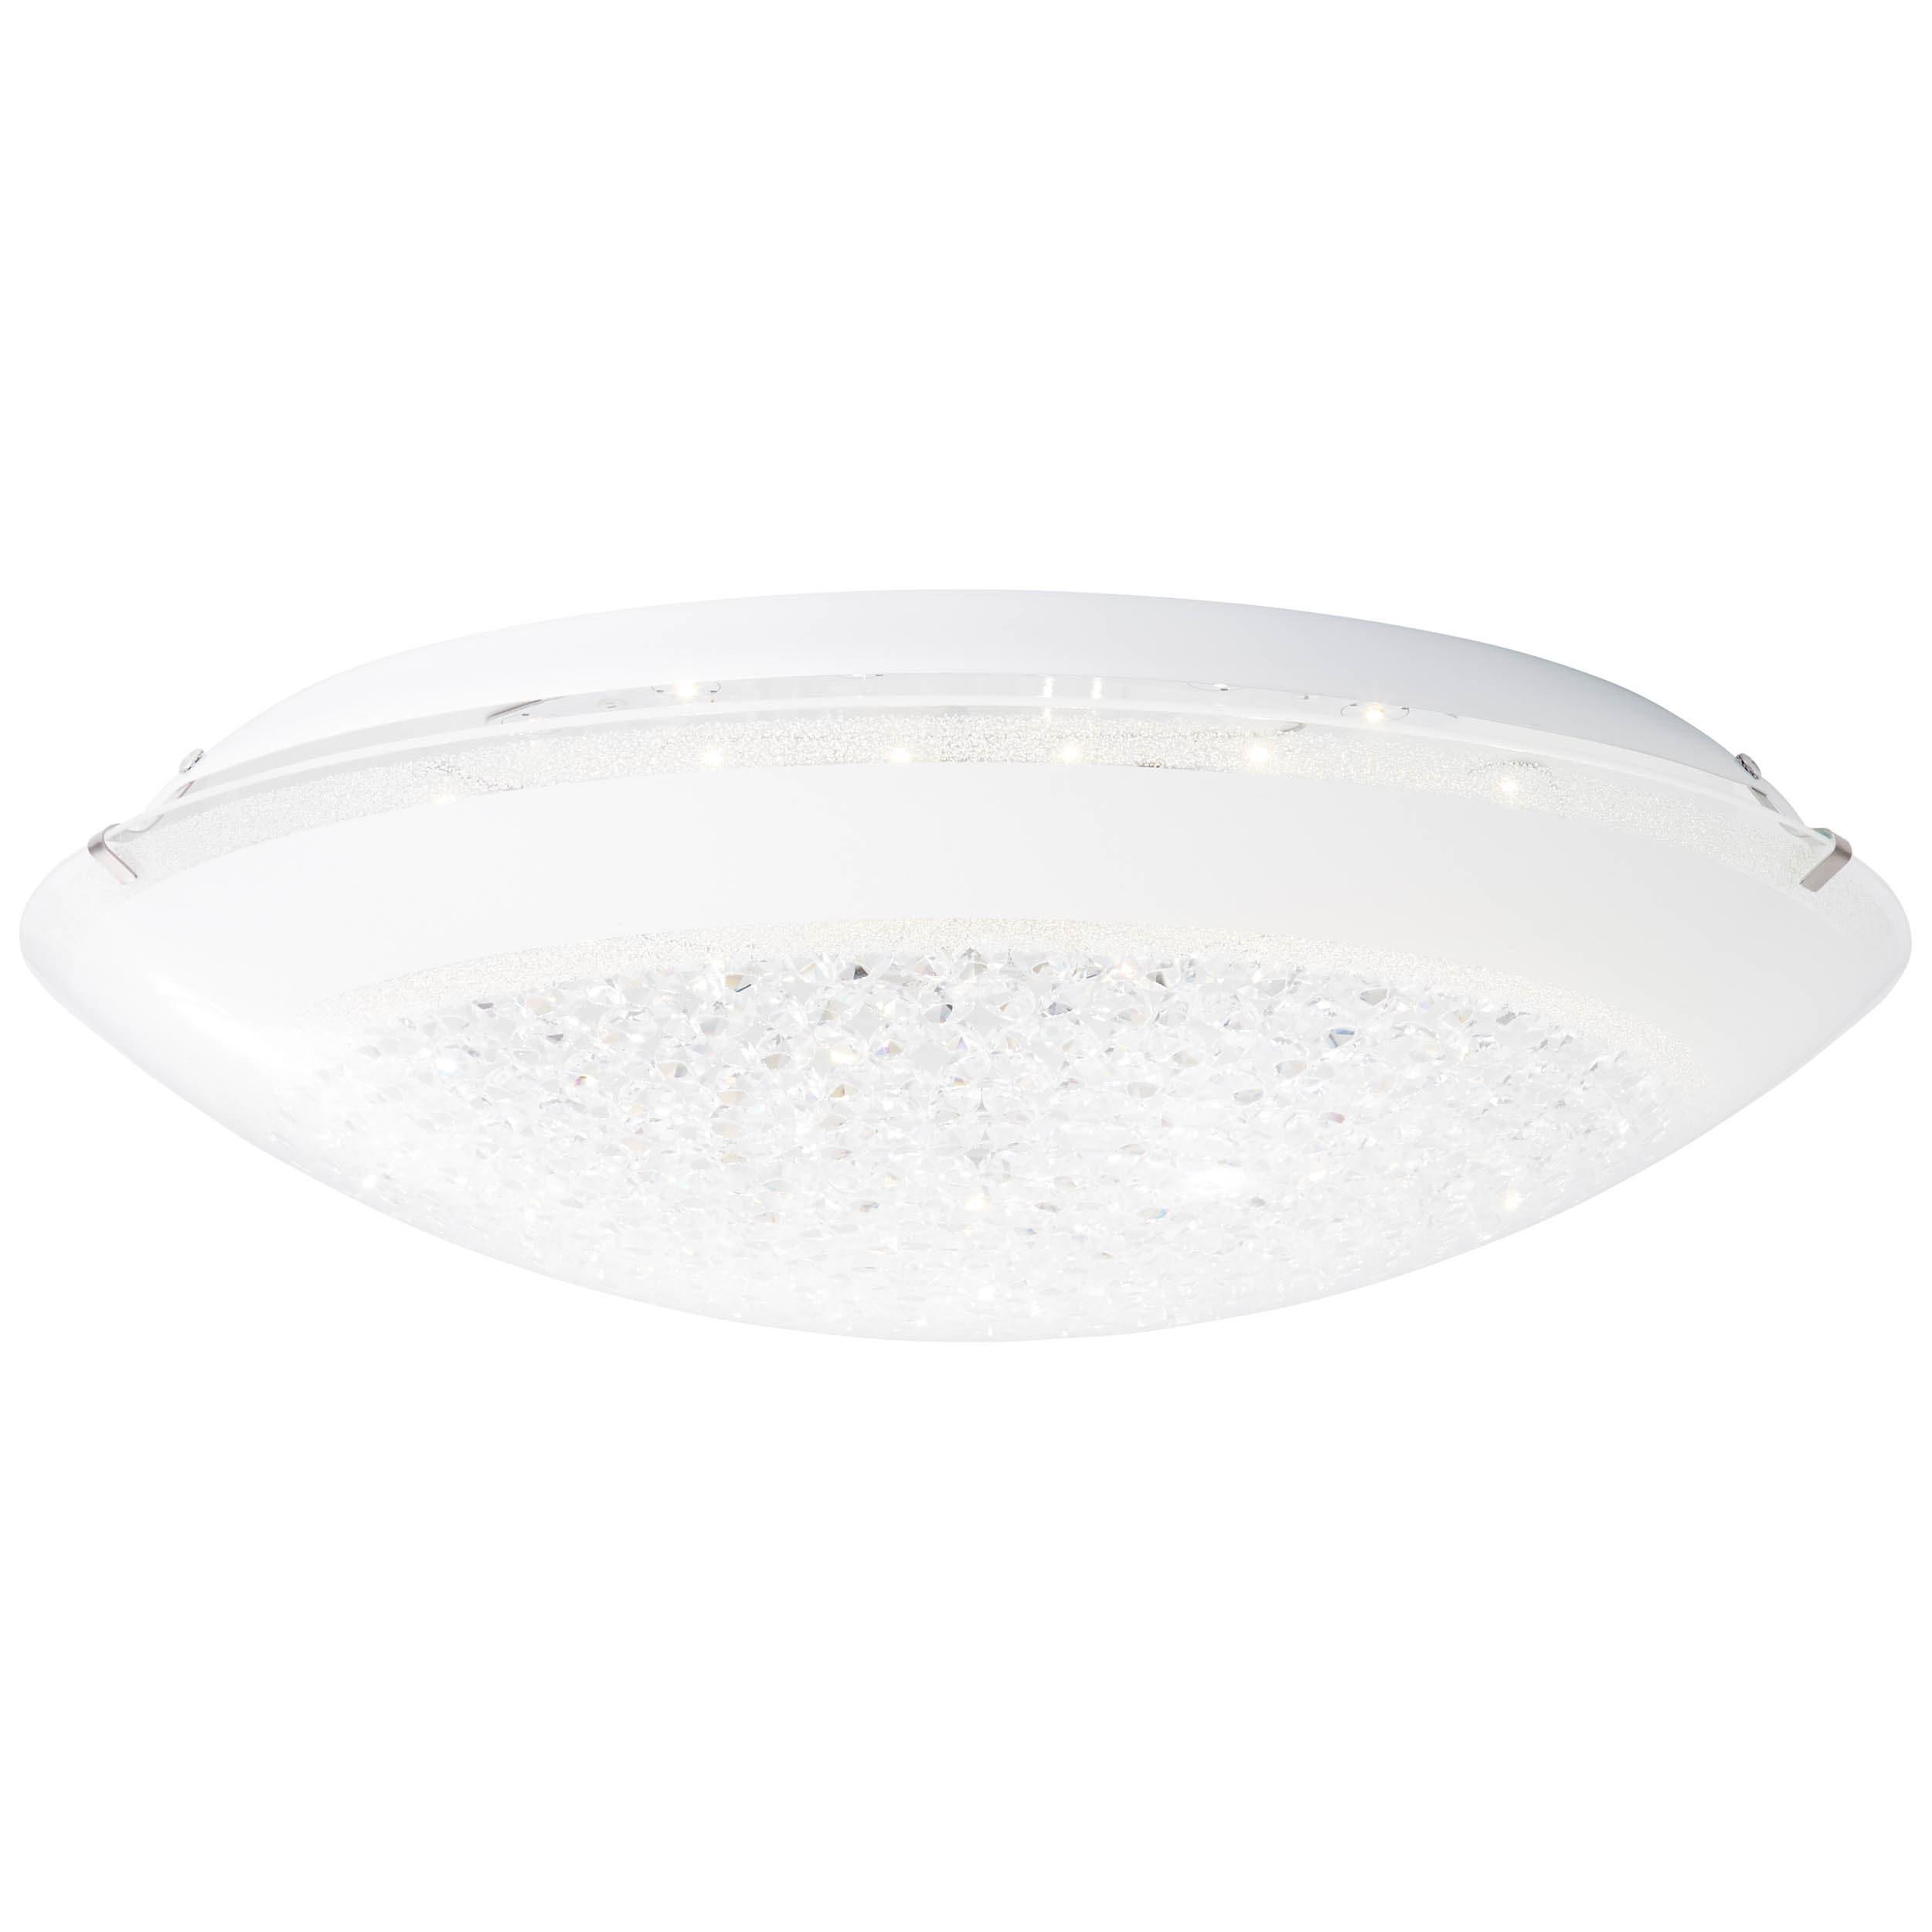 Brilliant Leuchten Vera LED Wand- und Deckenleuchte 50cm weiß/transparent